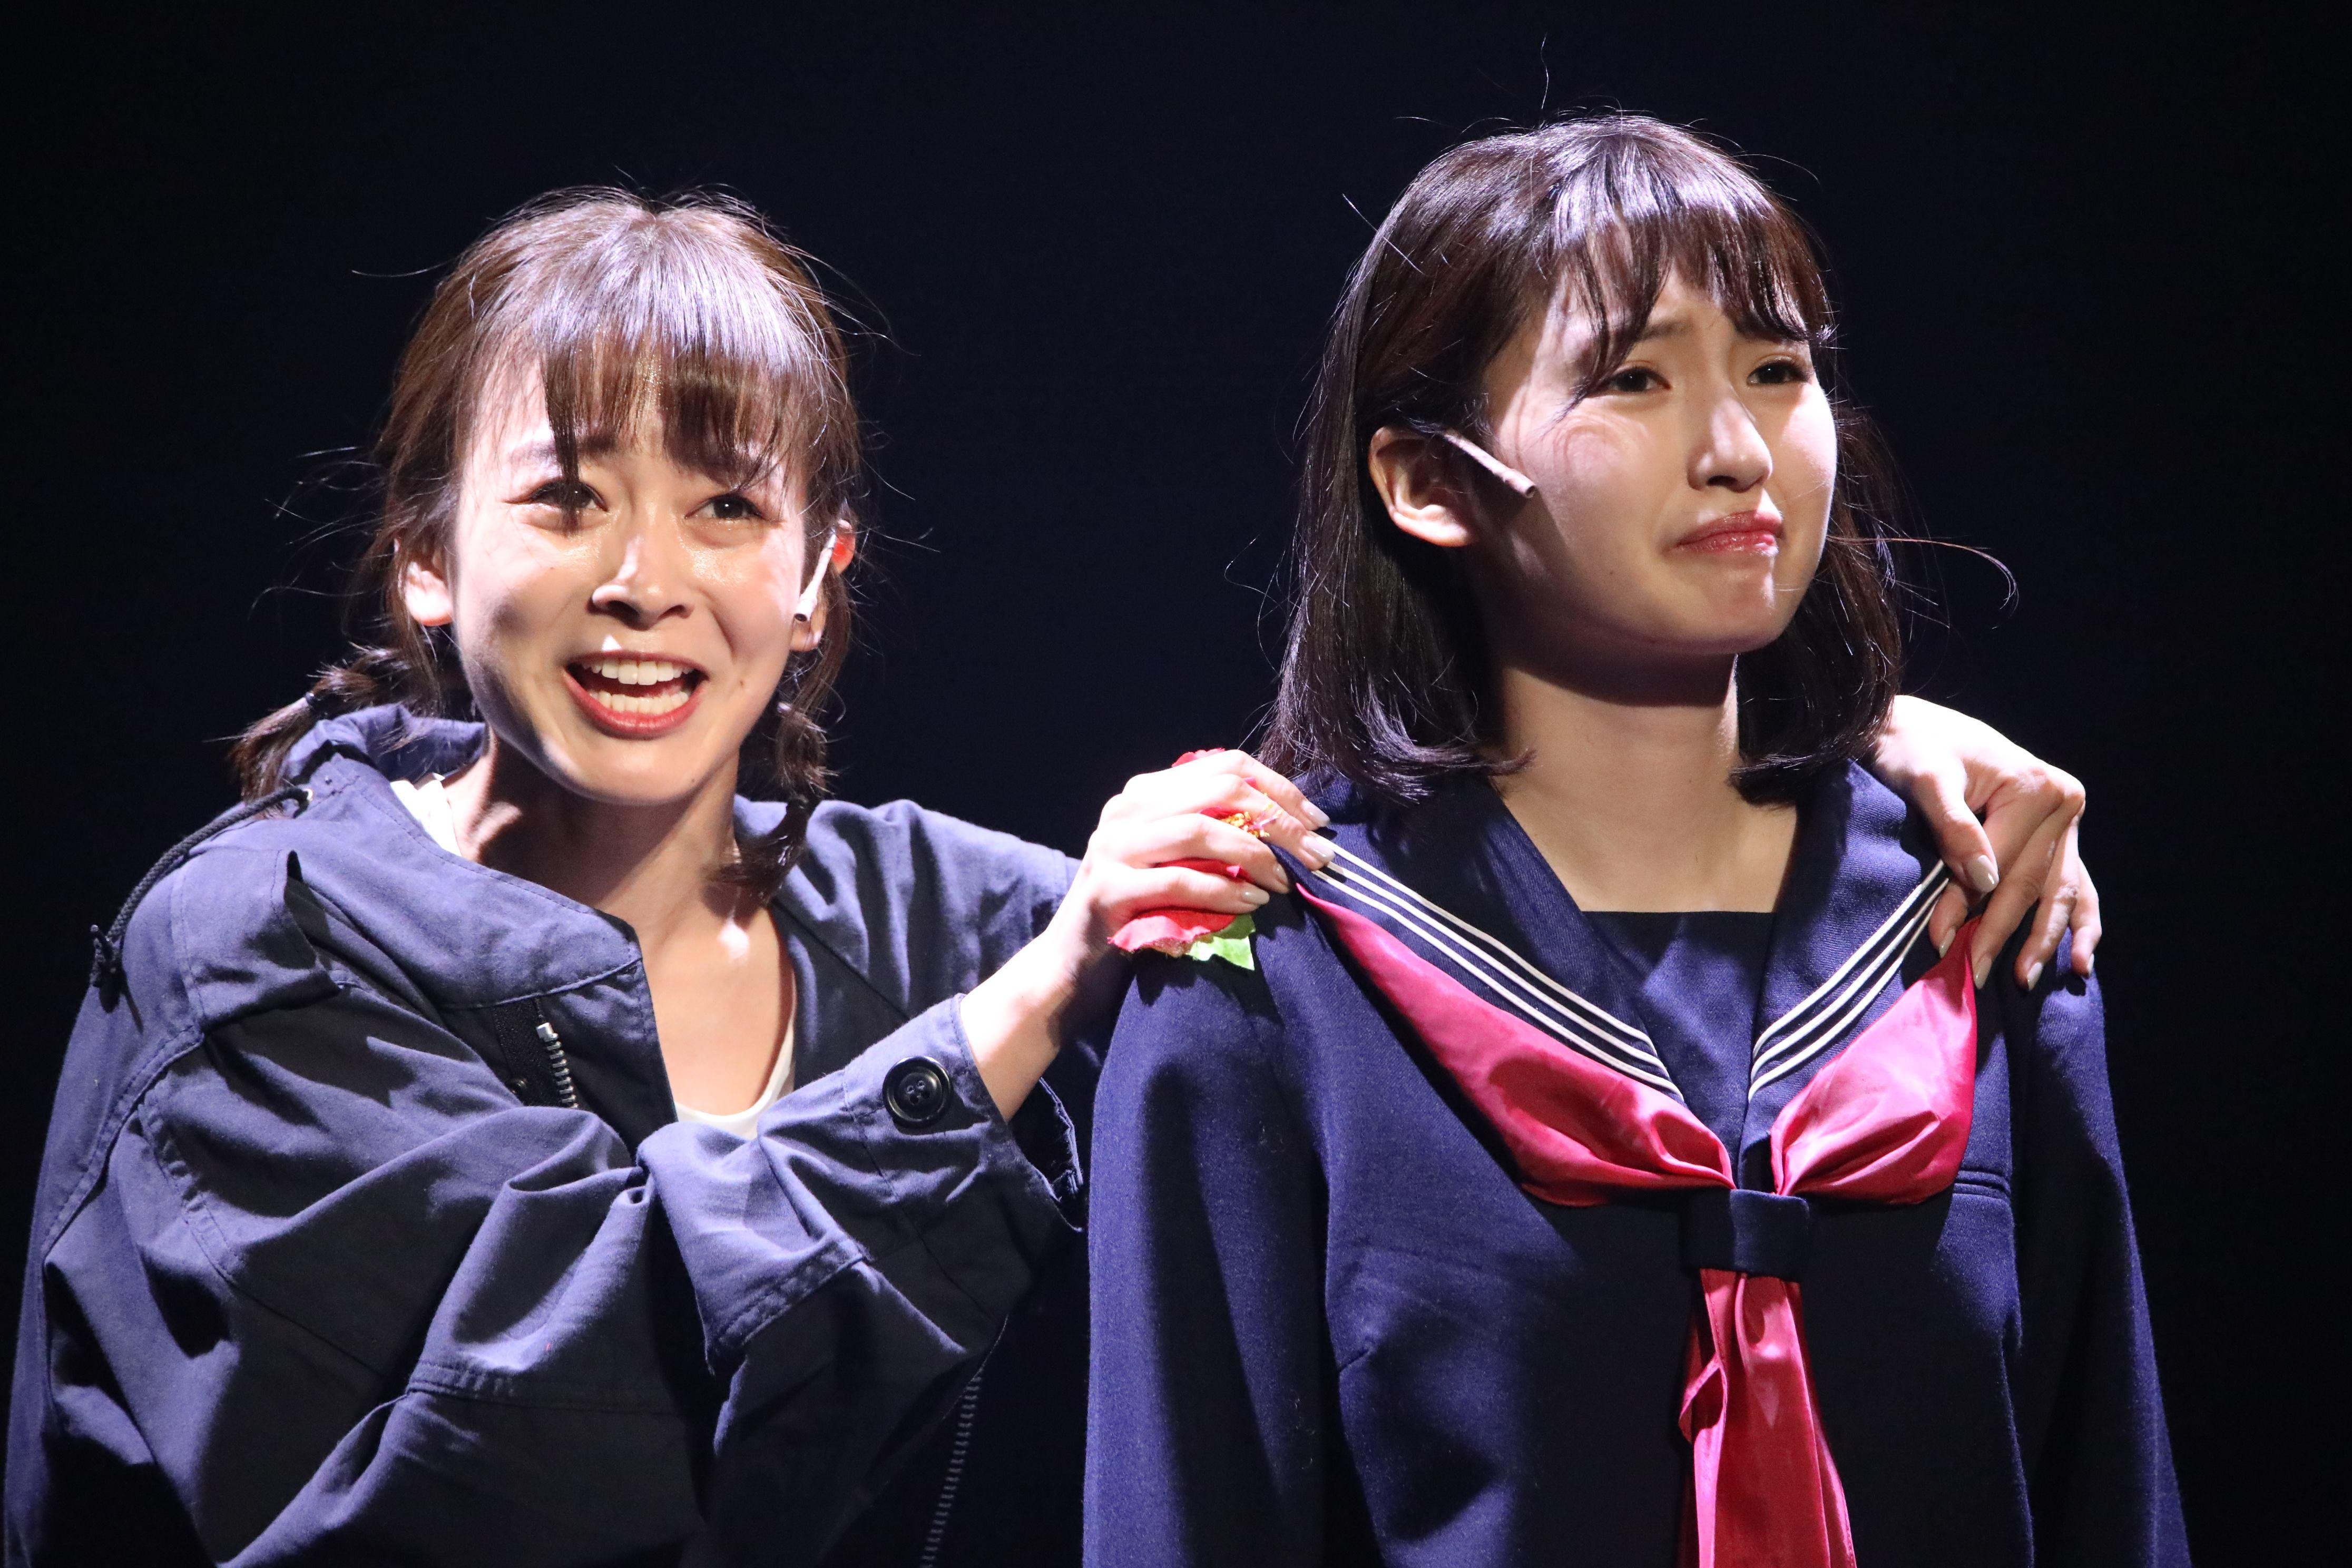 舞台「フラガール」で早苗を演じる太田奈緒(左)と井上小百合